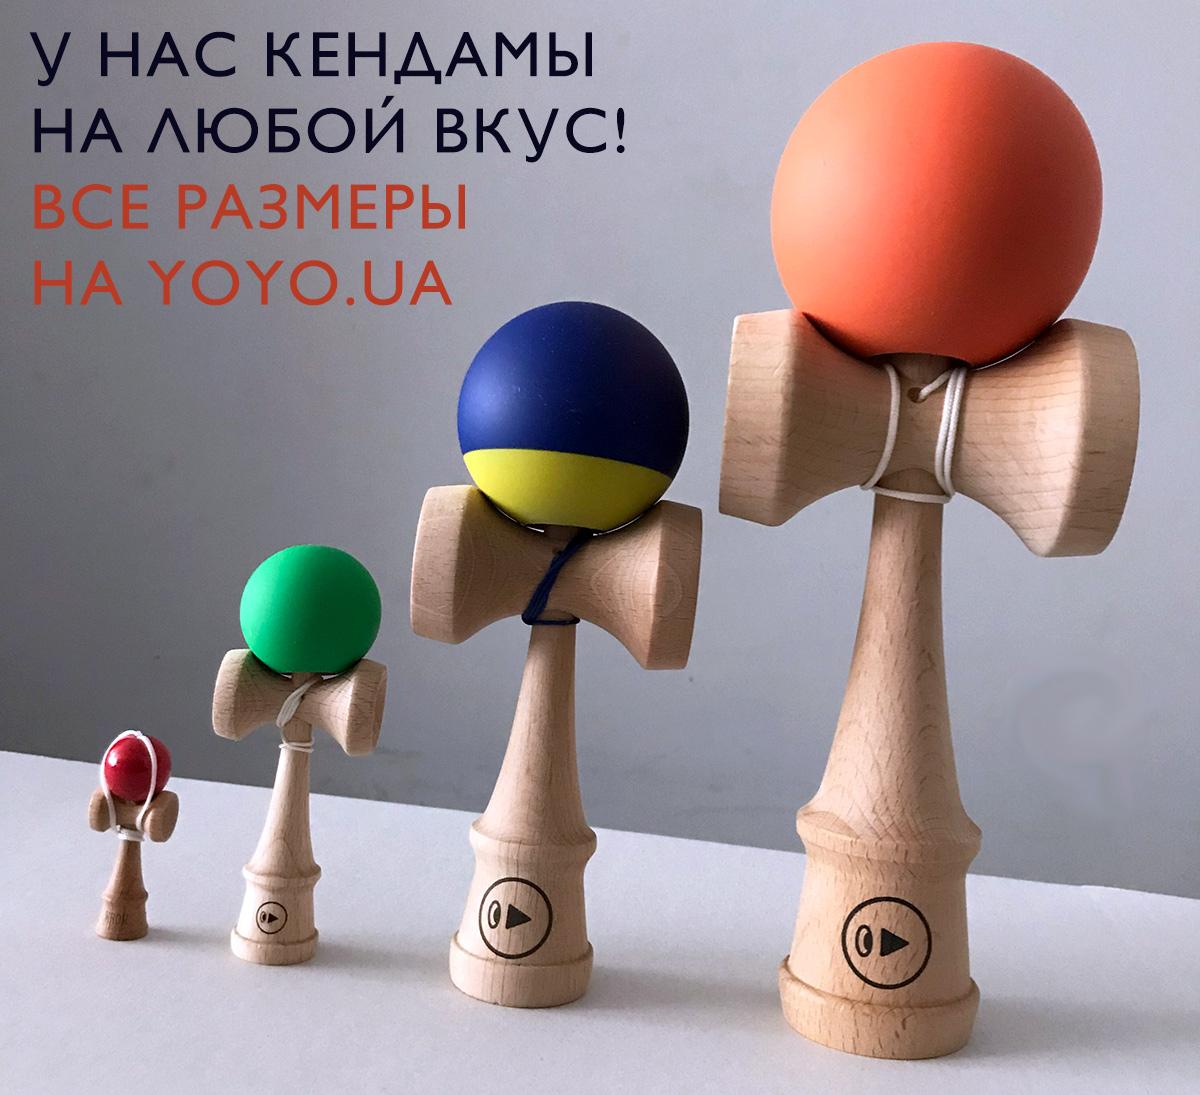 купить кендаму в Украине